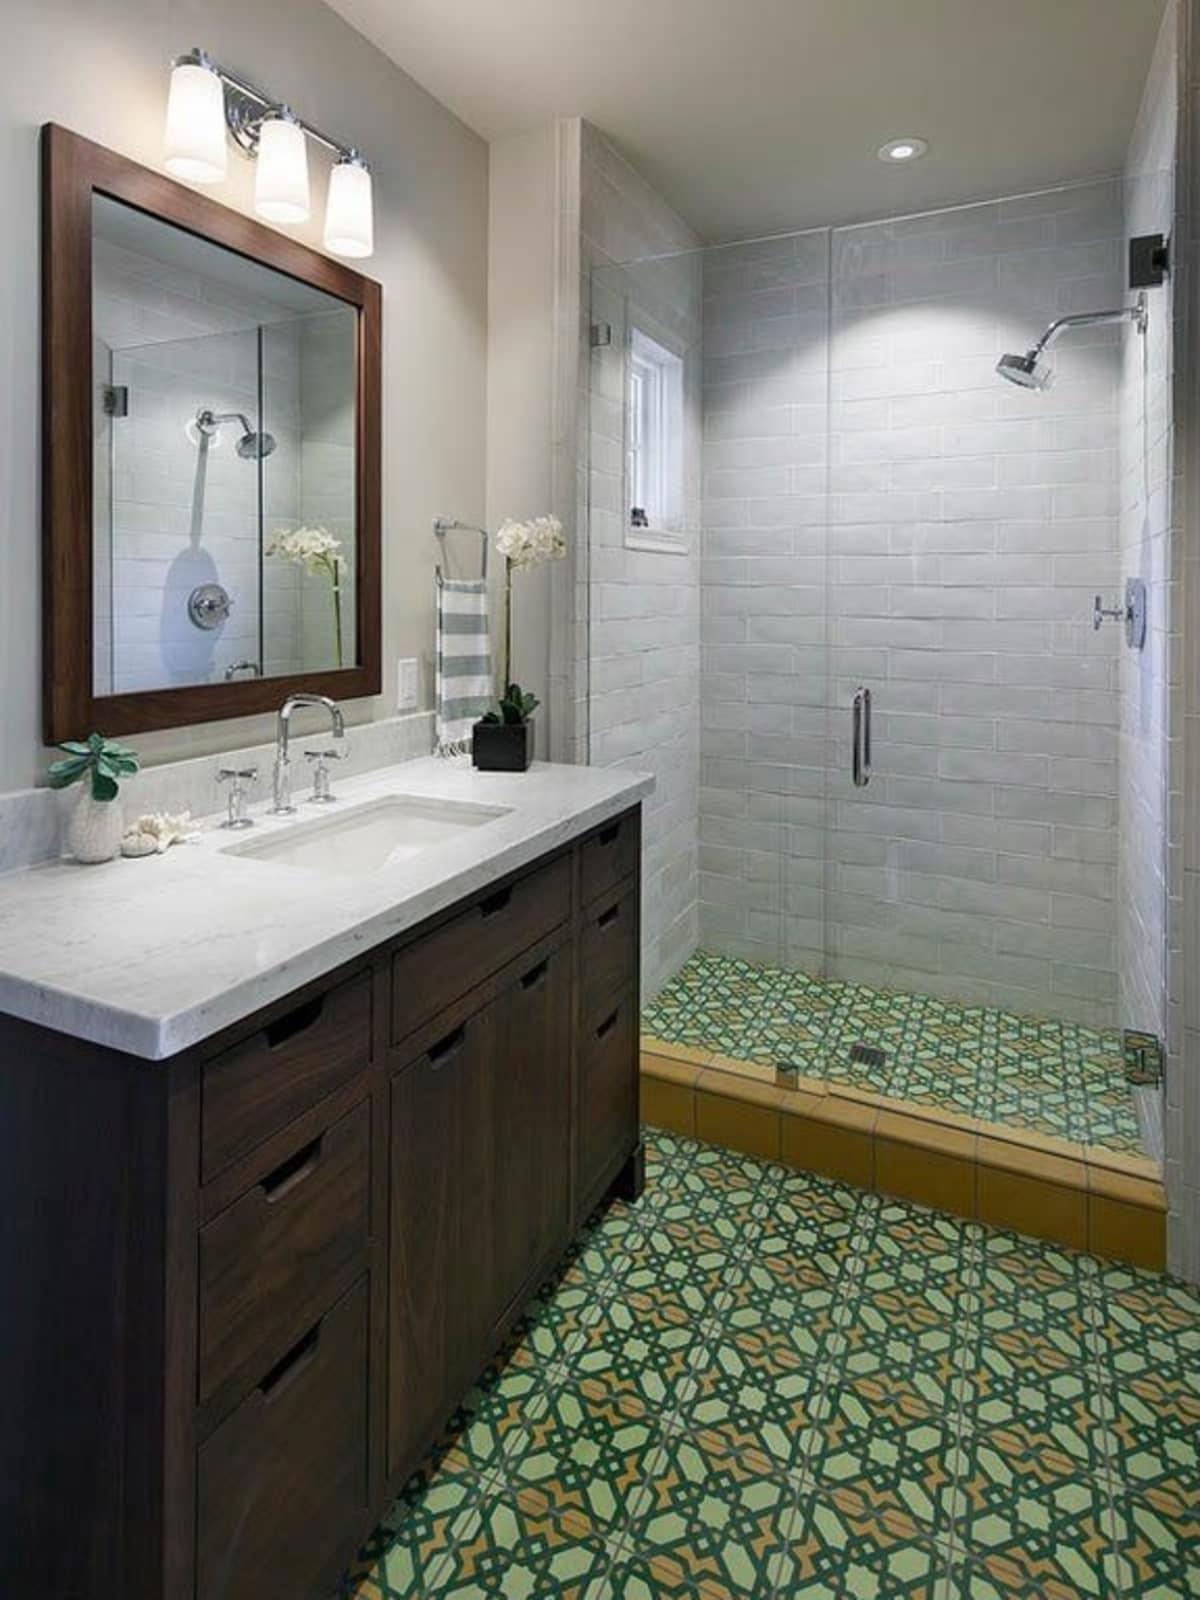 Encaustic tiles in bathroom